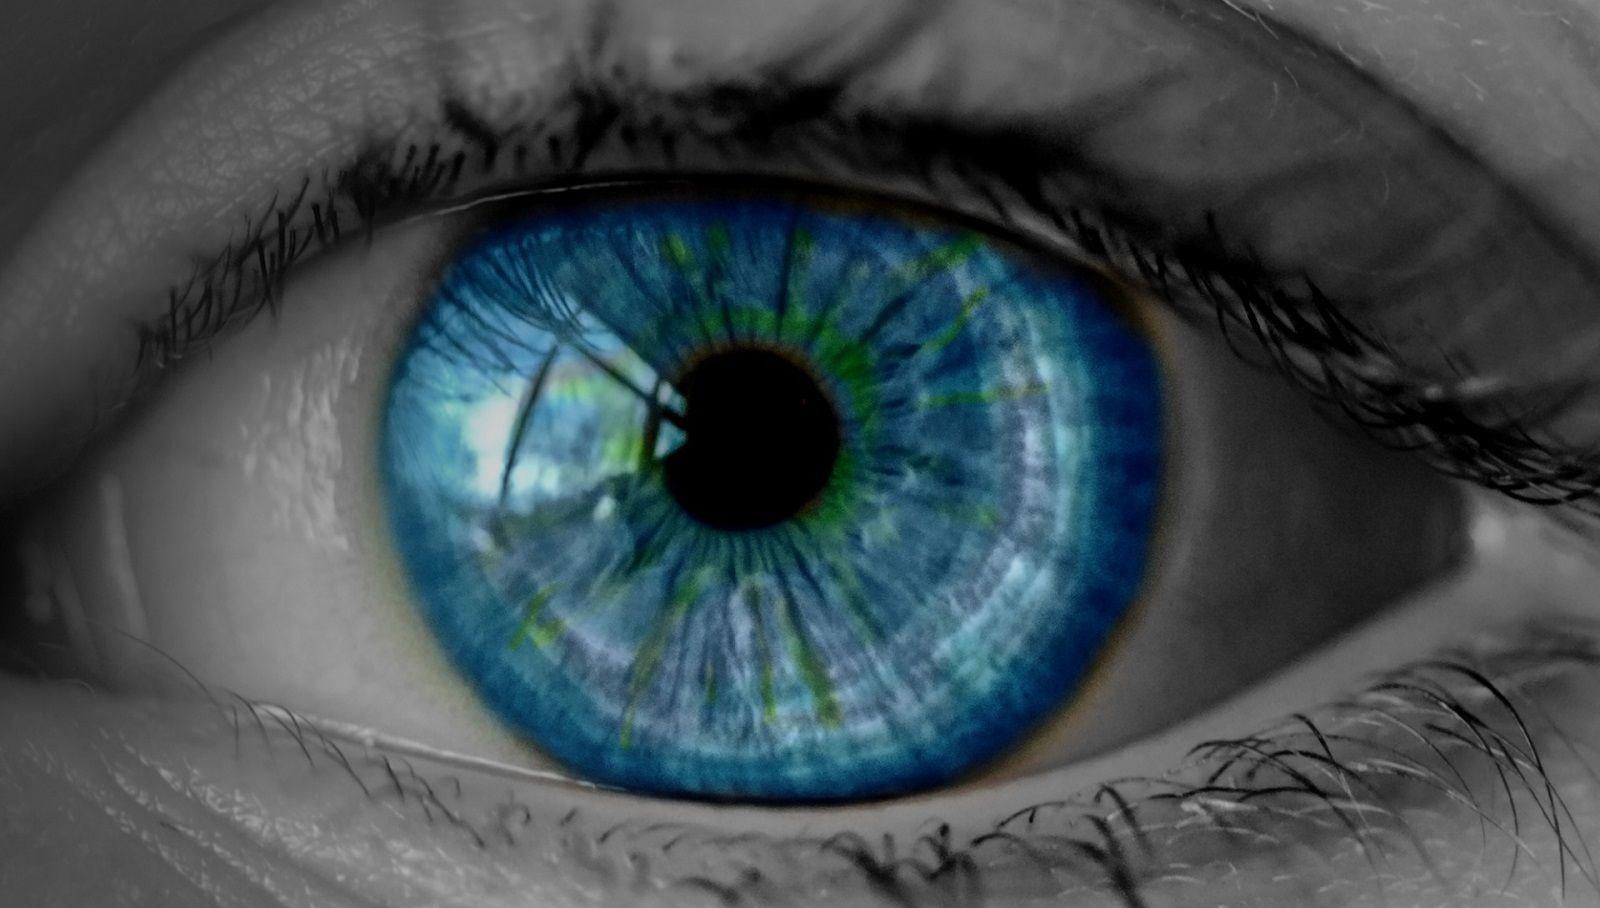 Come togliere una ciglia dall'occhio che non vuole uscire?